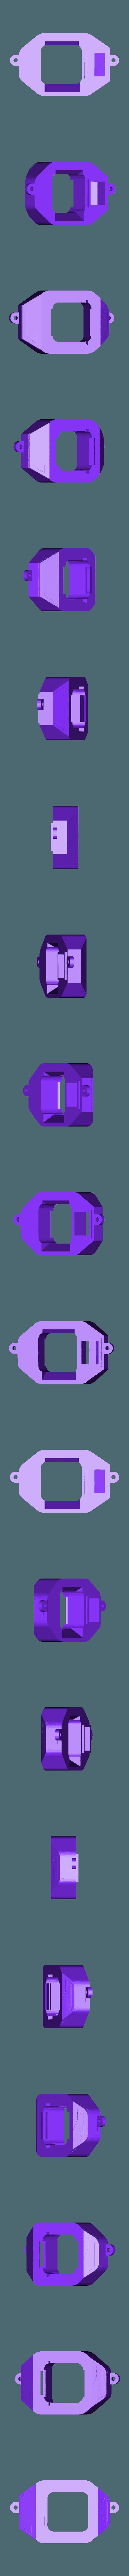 Flashforge_Air_Duct.stl Télécharger fichier STL gratuit Conduit d'air pour imprimantes Flashforge • Objet pour imprimante 3D, itech3dp